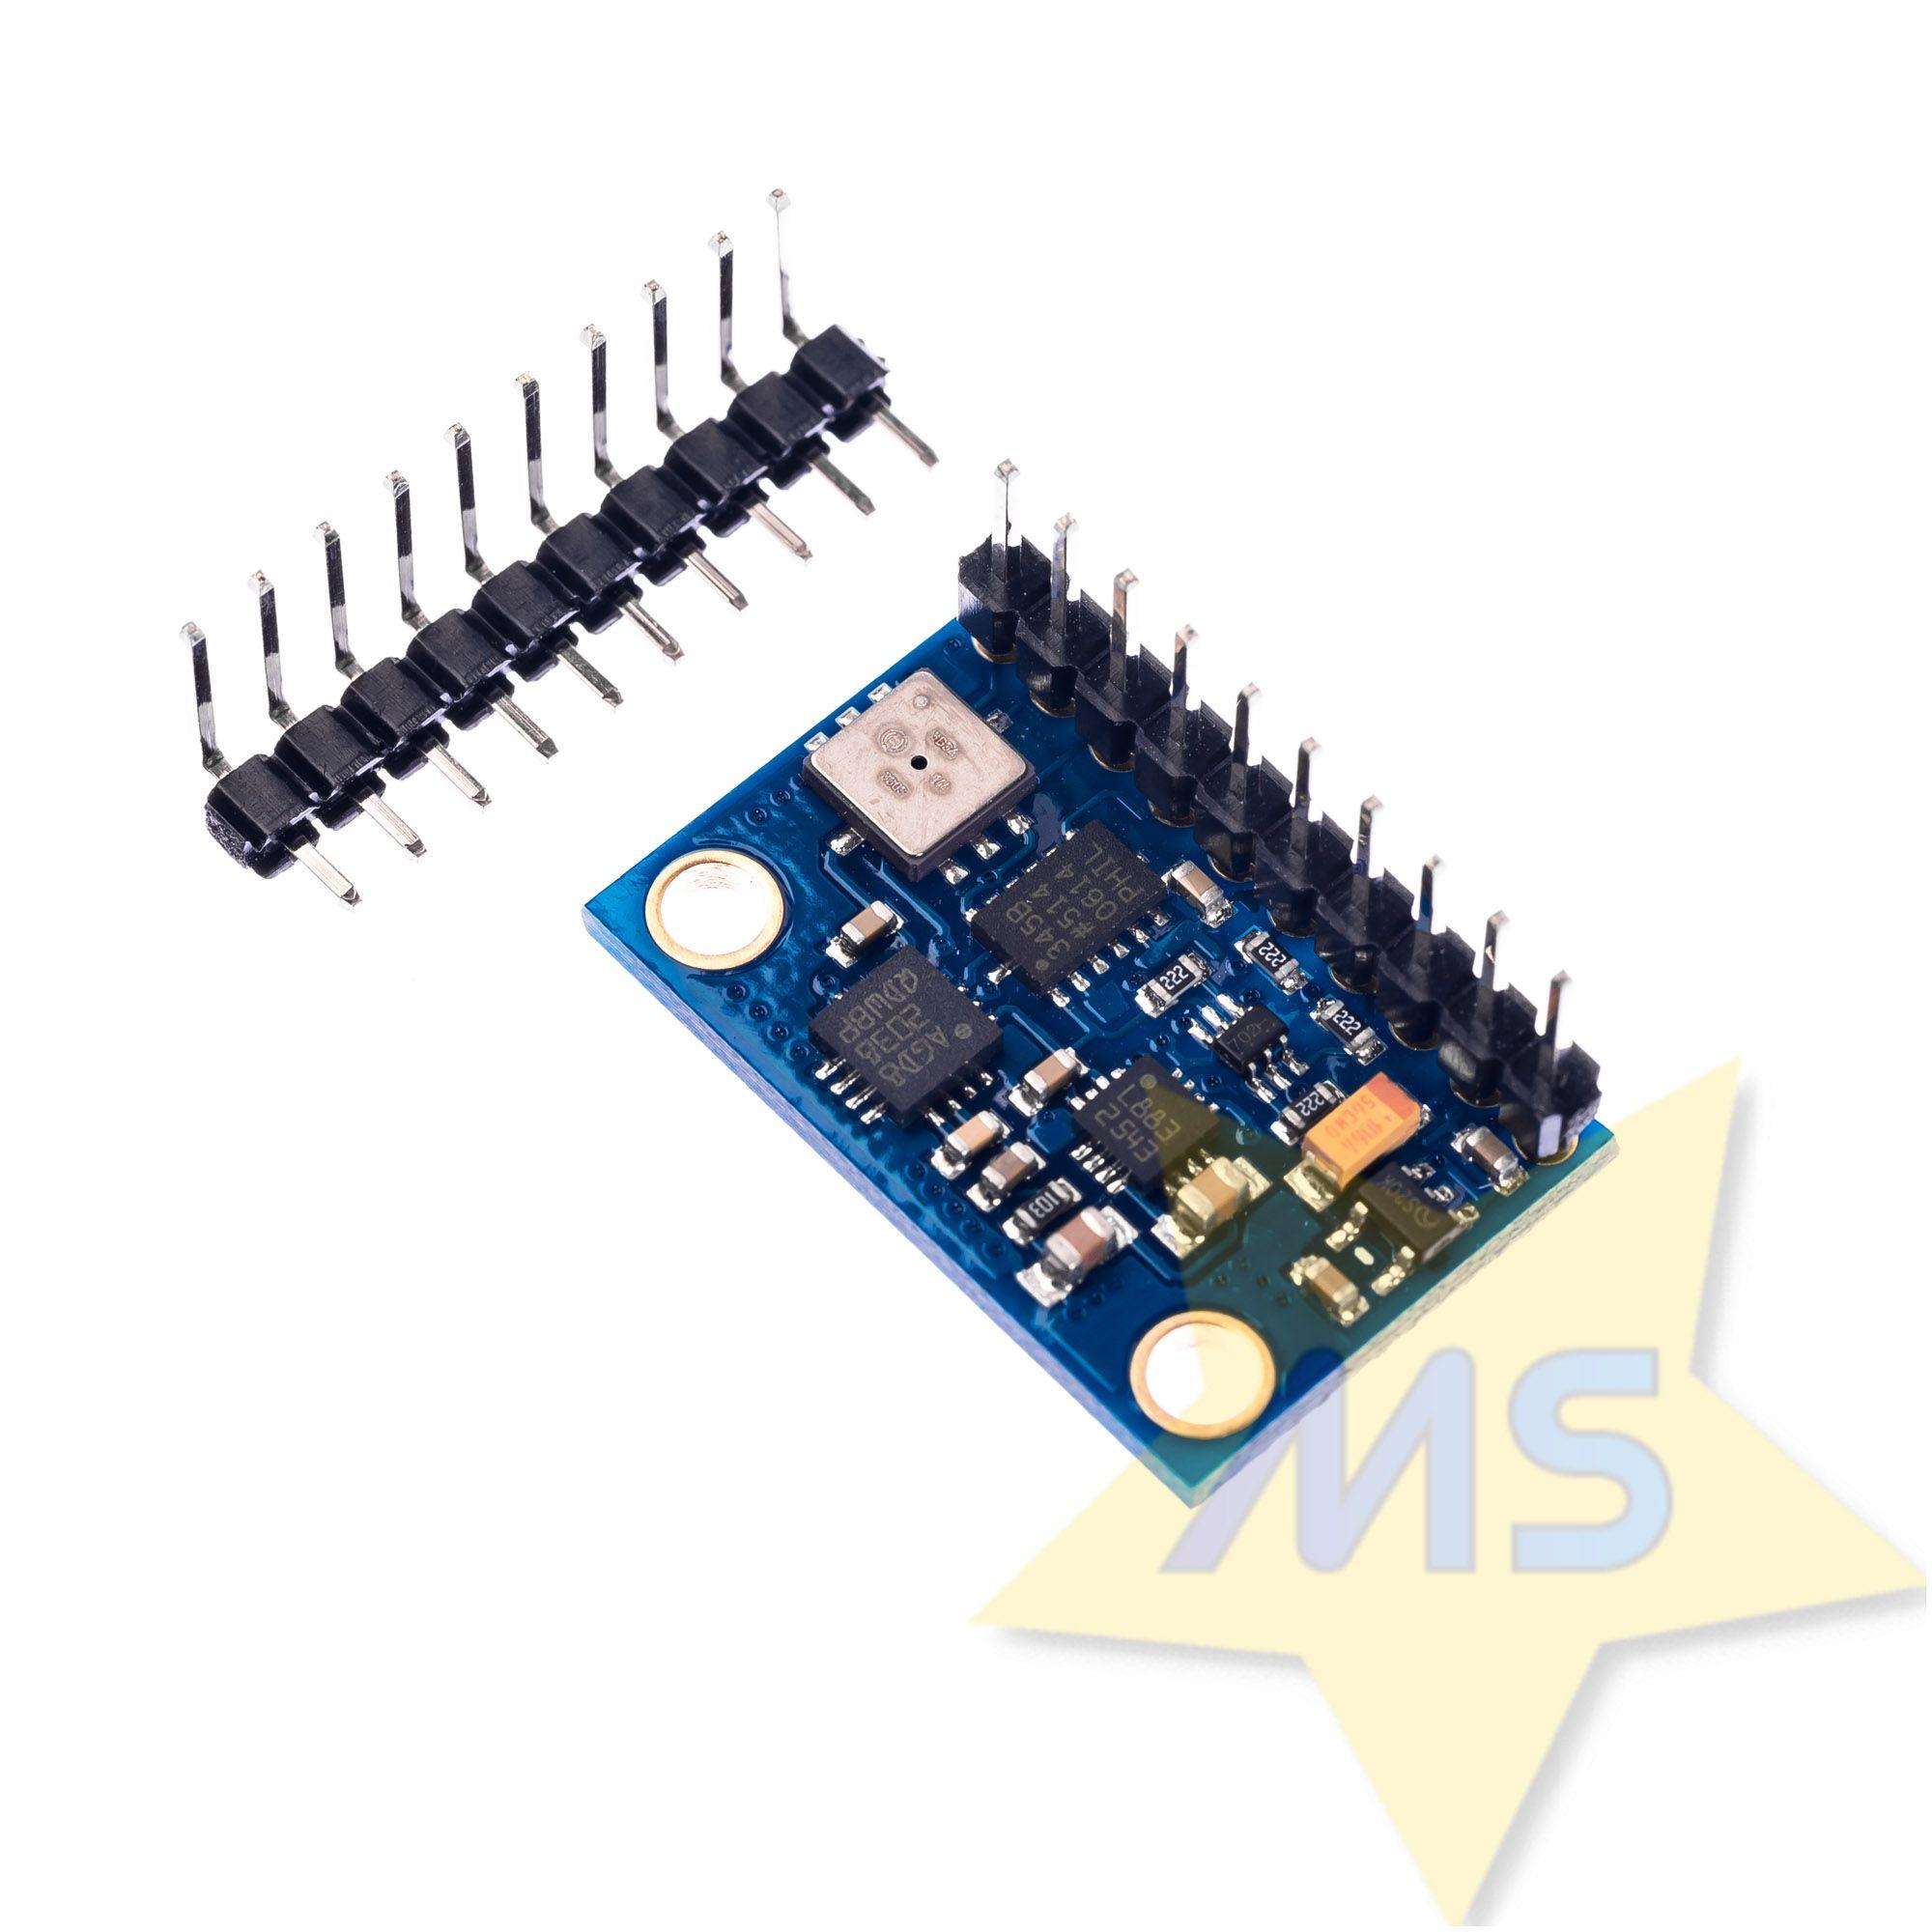 Sensor GY-80 Acelerômetro, Giroscópio, Magnetômetro, Barômetro